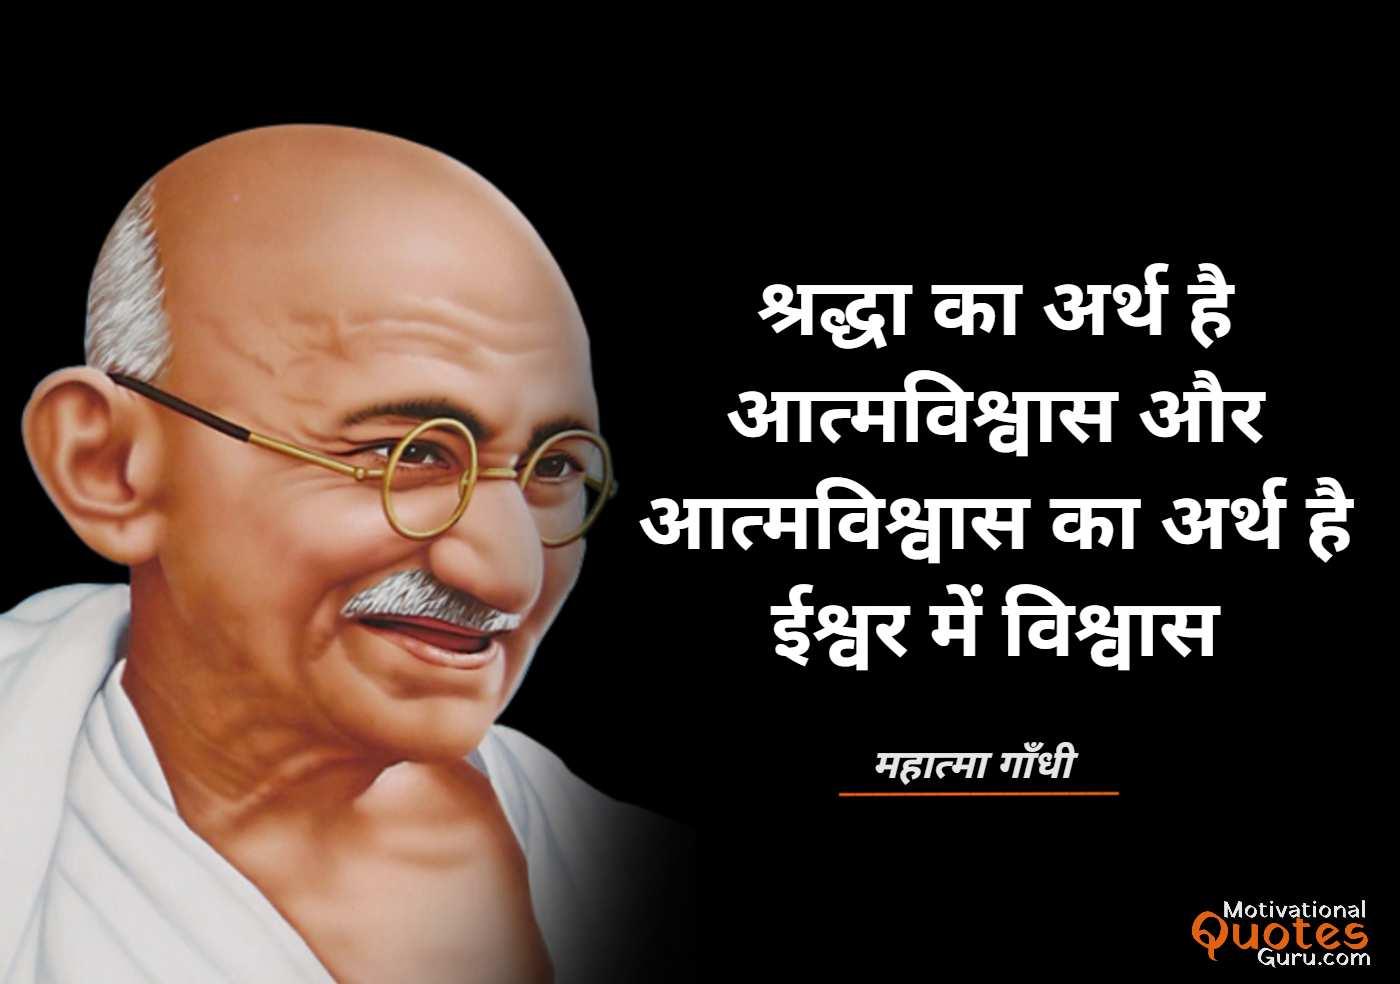 mahatma gandhi quotes on education in hindi